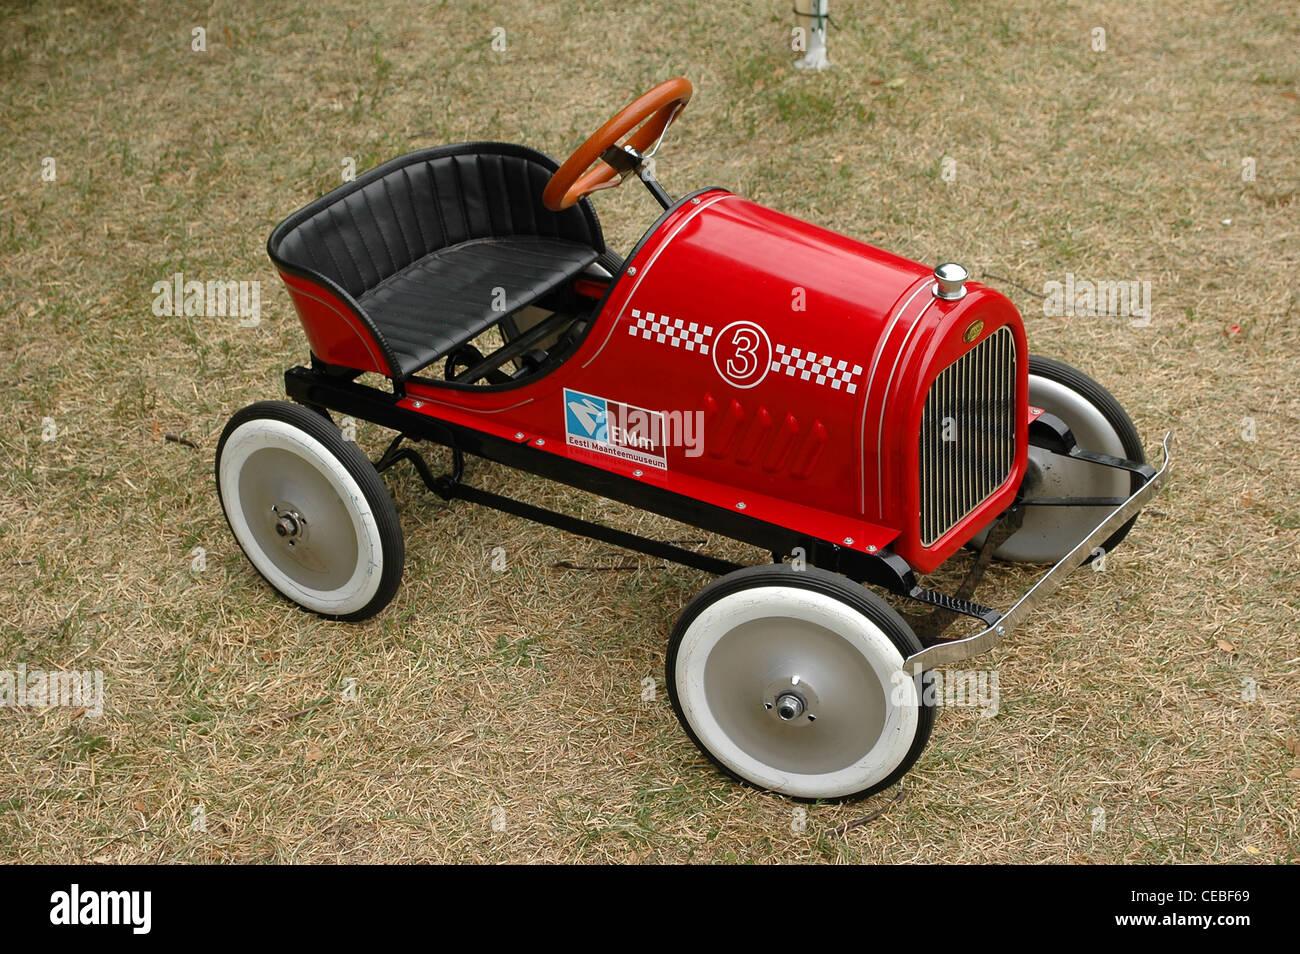 vintage toy car stockfotos vintage toy car bilder alamy. Black Bedroom Furniture Sets. Home Design Ideas